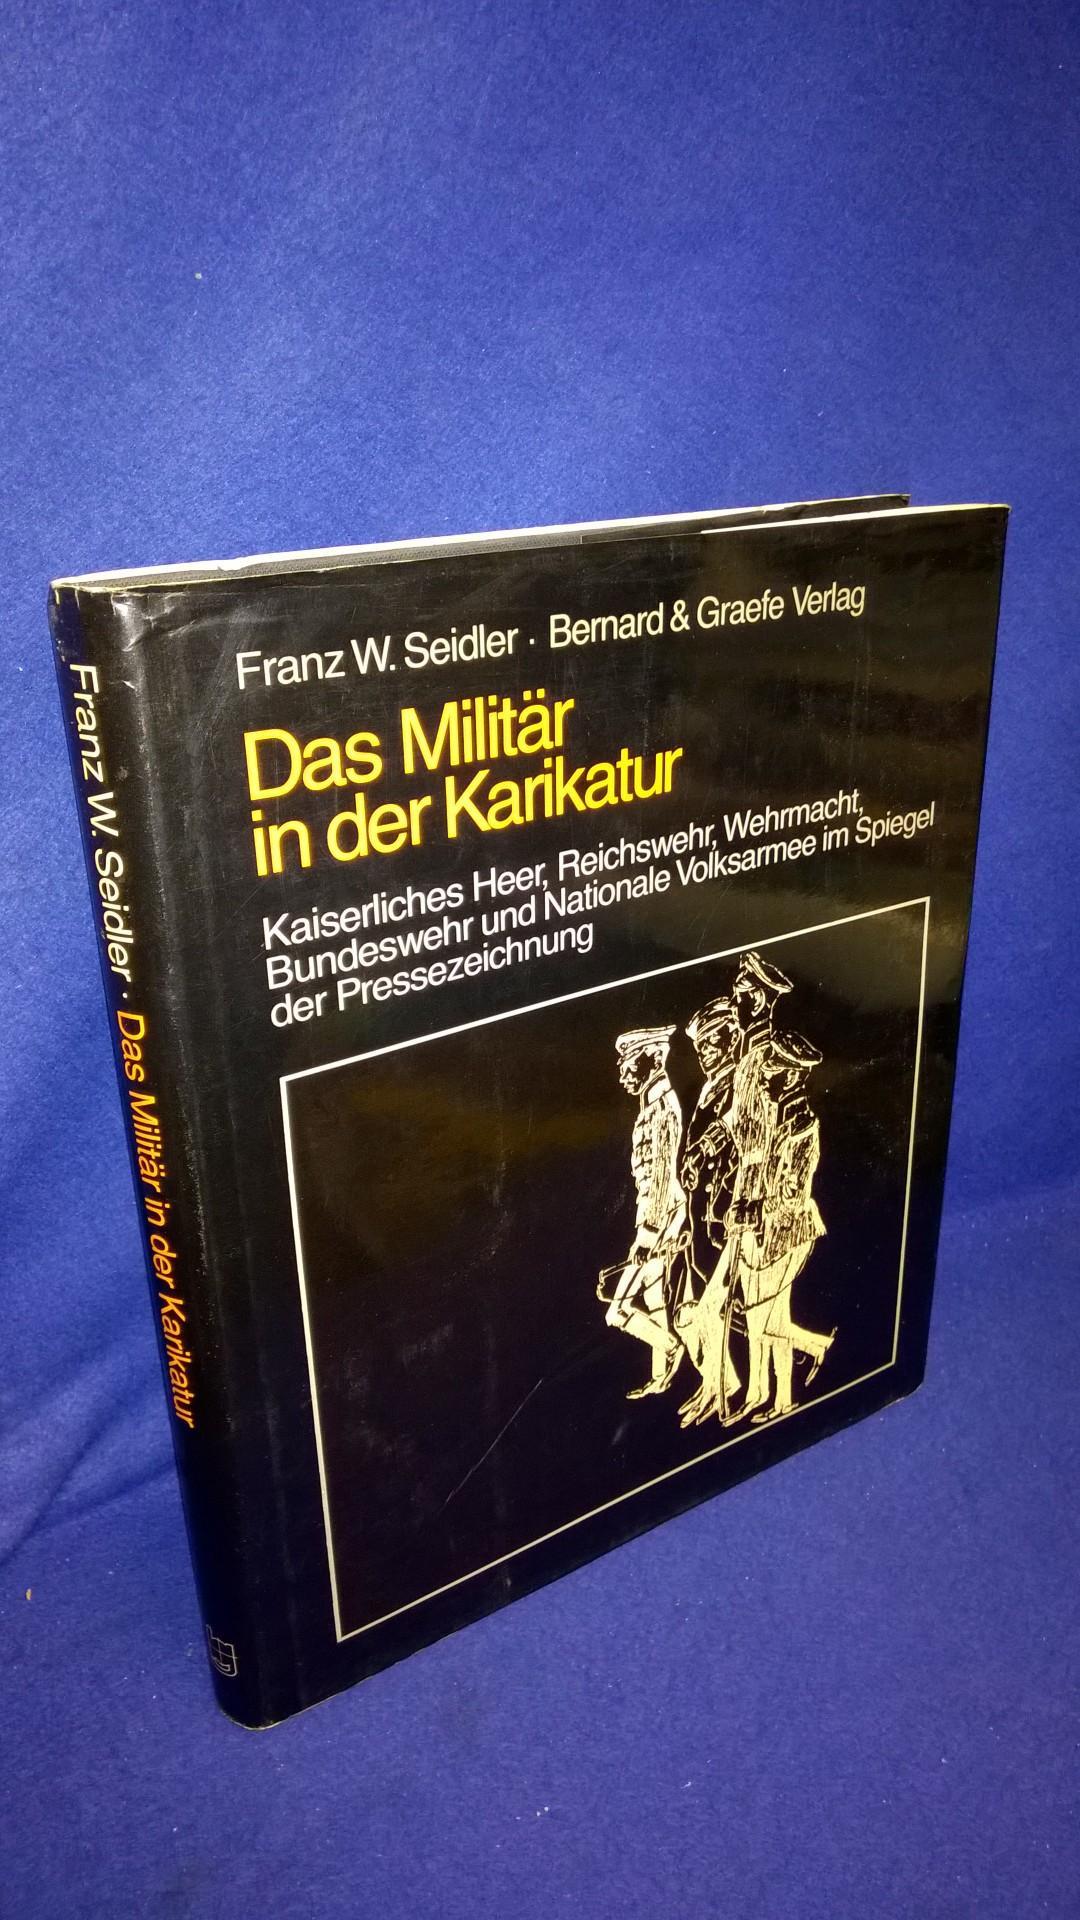 Das Militär in der Karikatur - Kaiserliches Heer, Reichswehr, Wehrmacht, Bundeswehr und Nationale Volksarmee im Spiegel der Pressezeichnung.